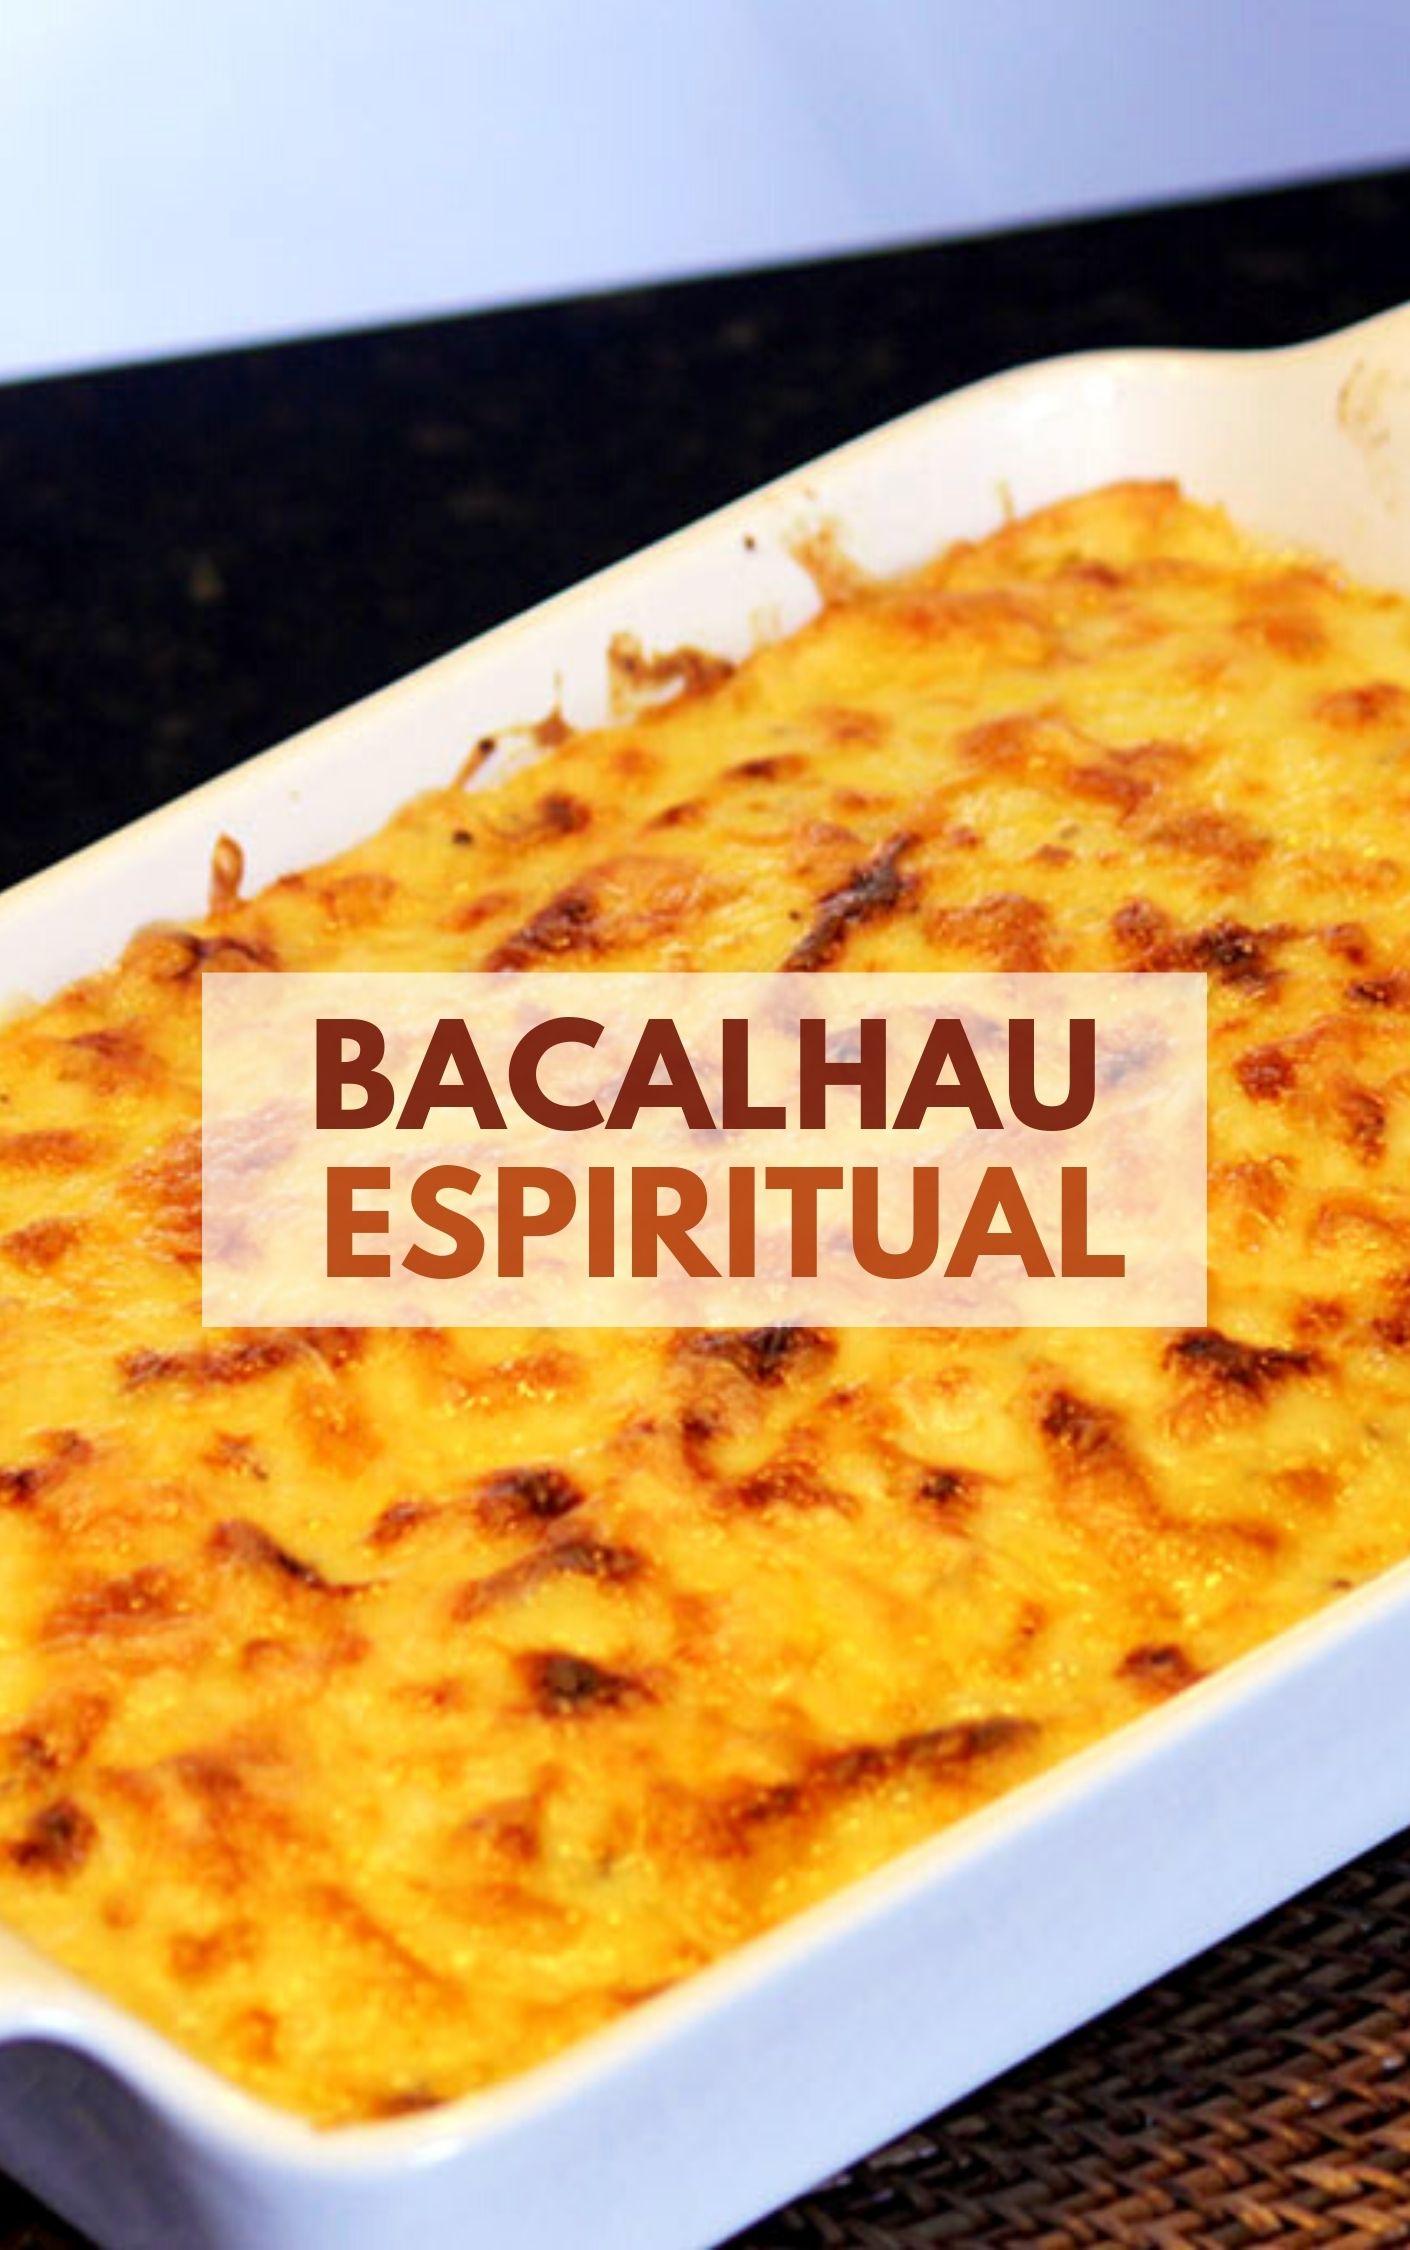 Bacalhau Espiritual